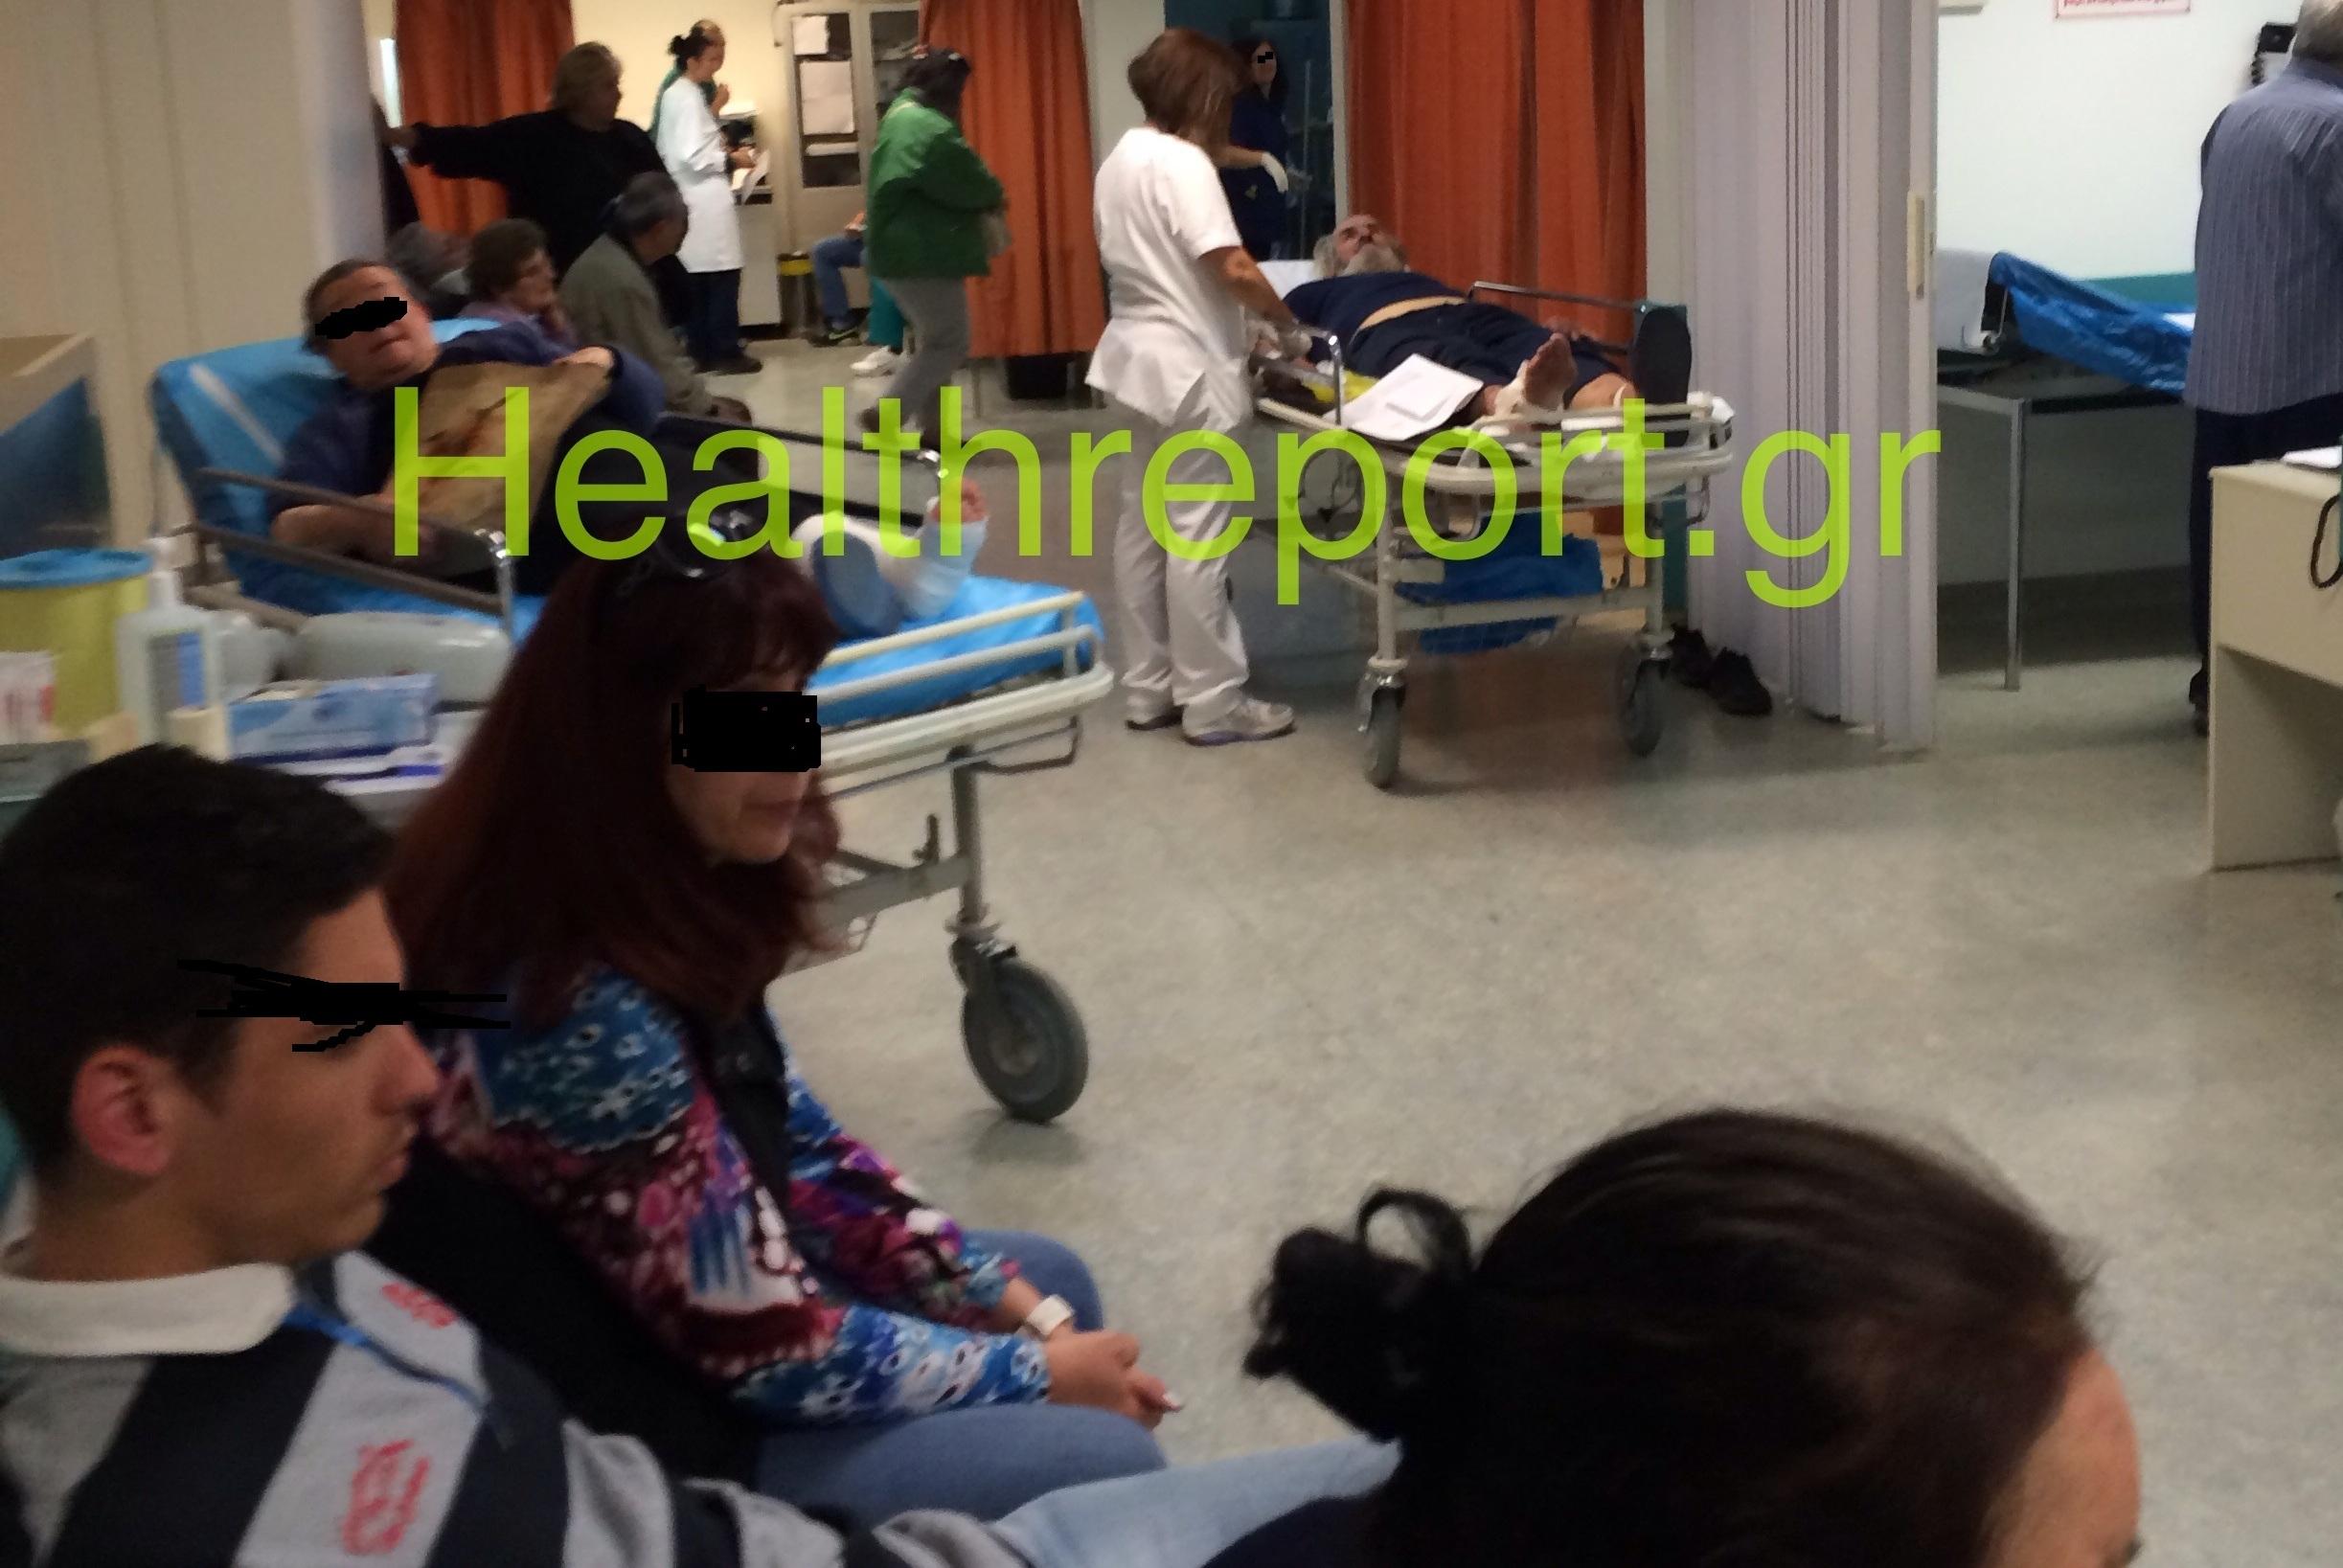 Υπουργείο Υγείας: Πως θα αξιολογούνται τα δημόσια Νοσοκομεία! Όλα τα κριτήρια